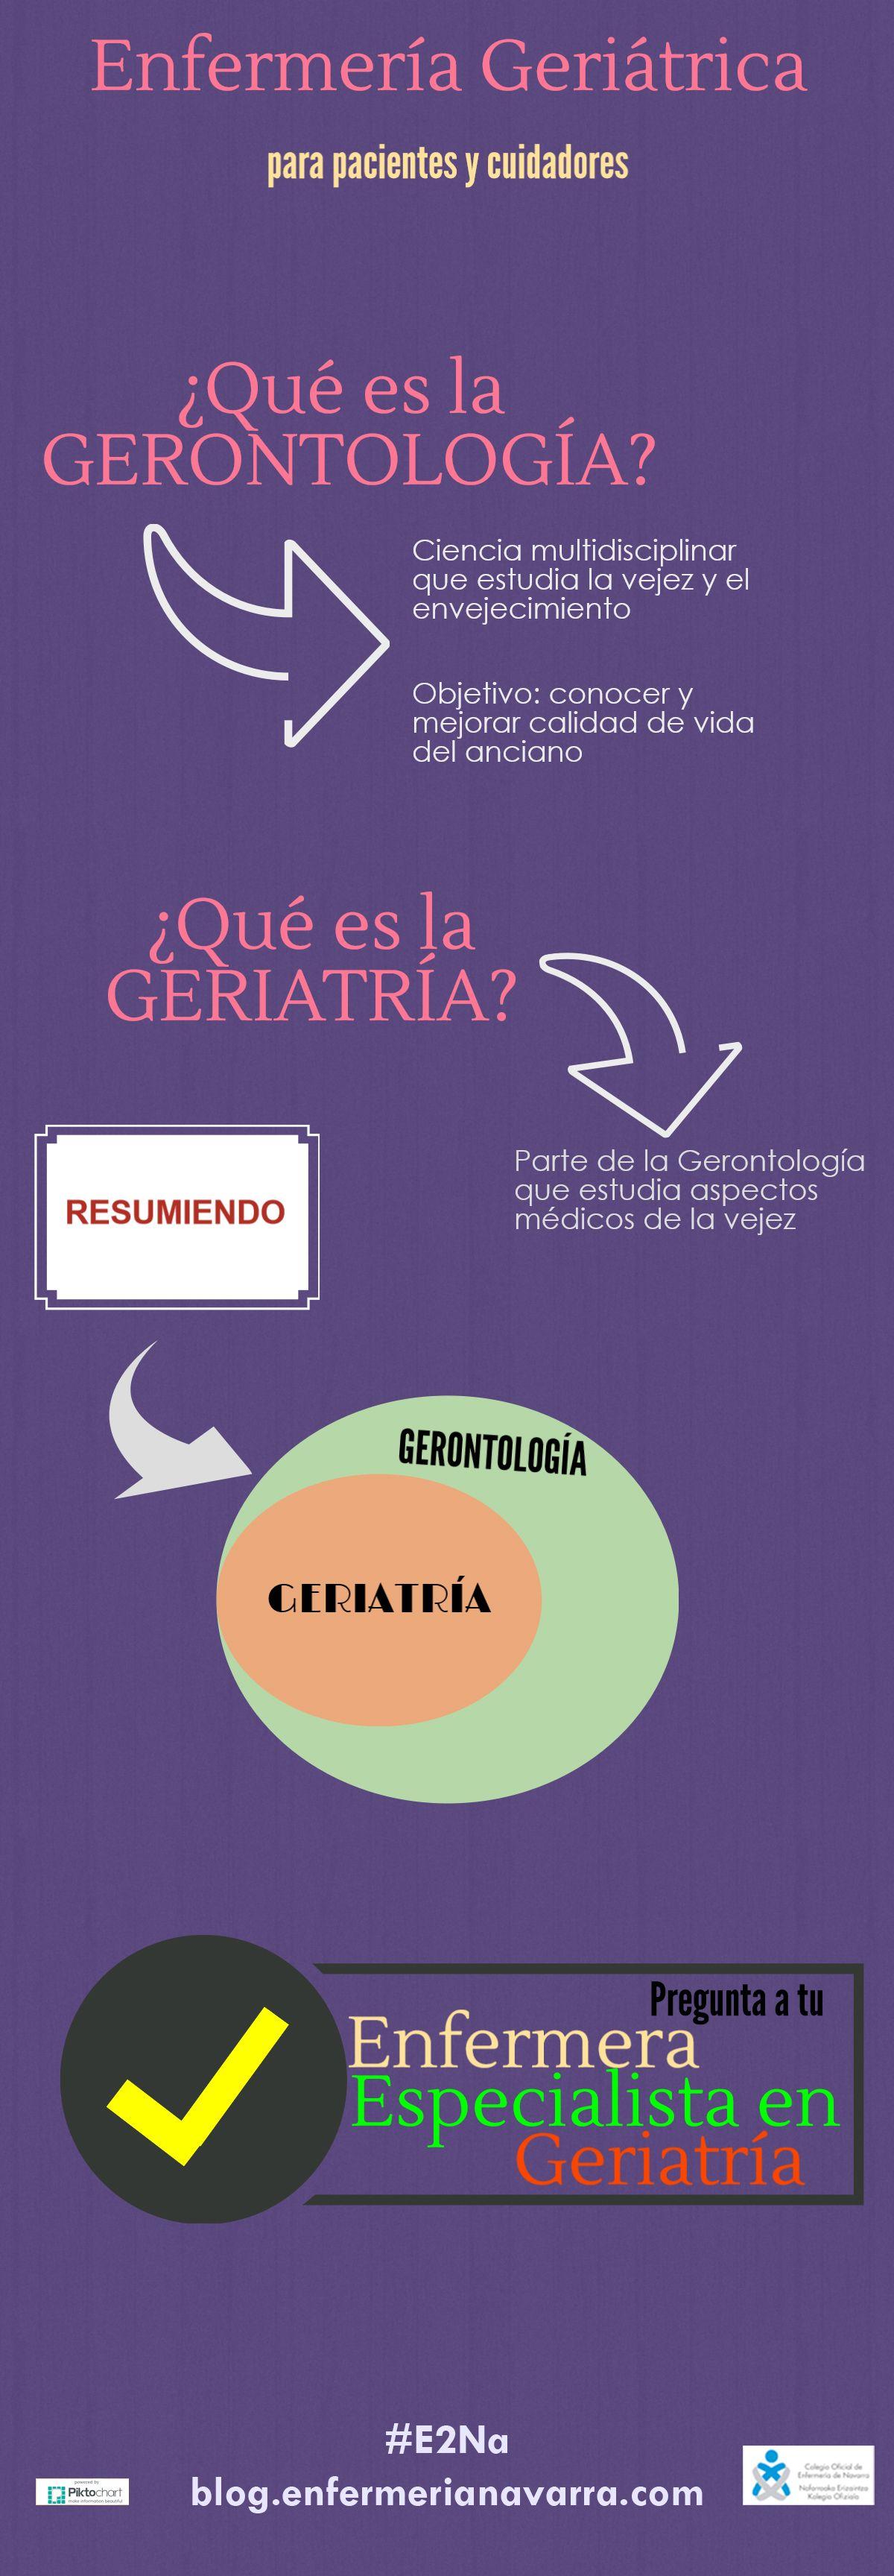 Esta infografía detalla las diferencias entre Gerontología y Geriatría, dos conceptos que, en ocasiones, se confunden.